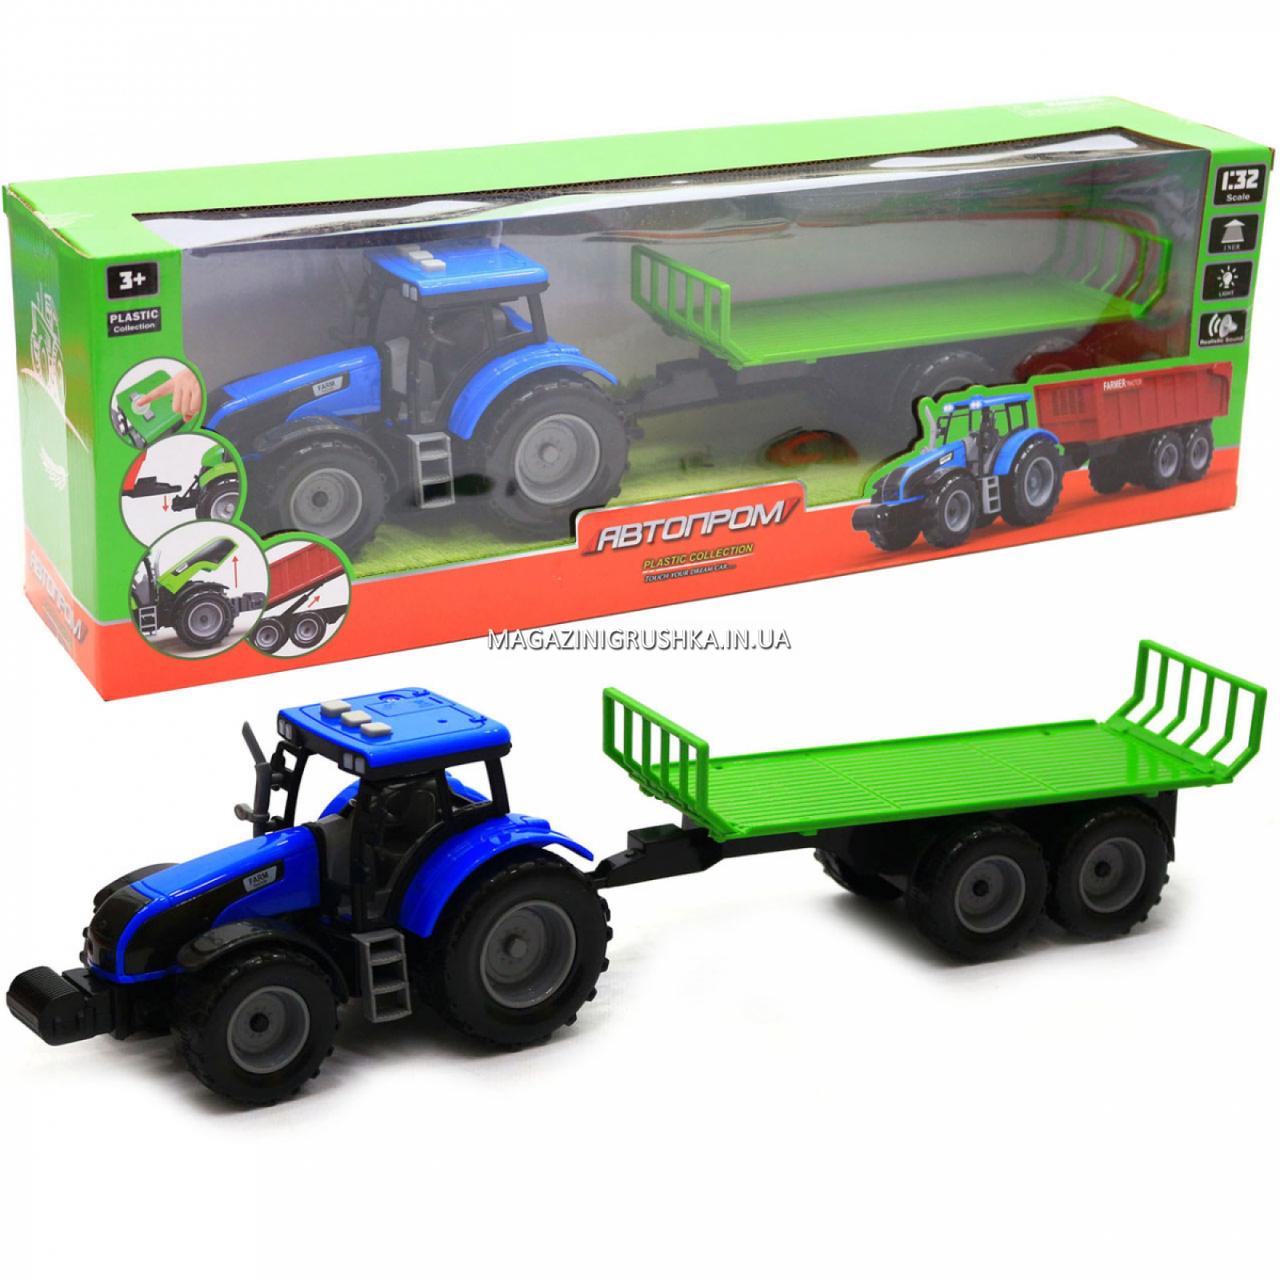 Машинка ігрова автопром «Синій трактор з відкритим причепом» (світло, звук, пластик) 7925ABCD